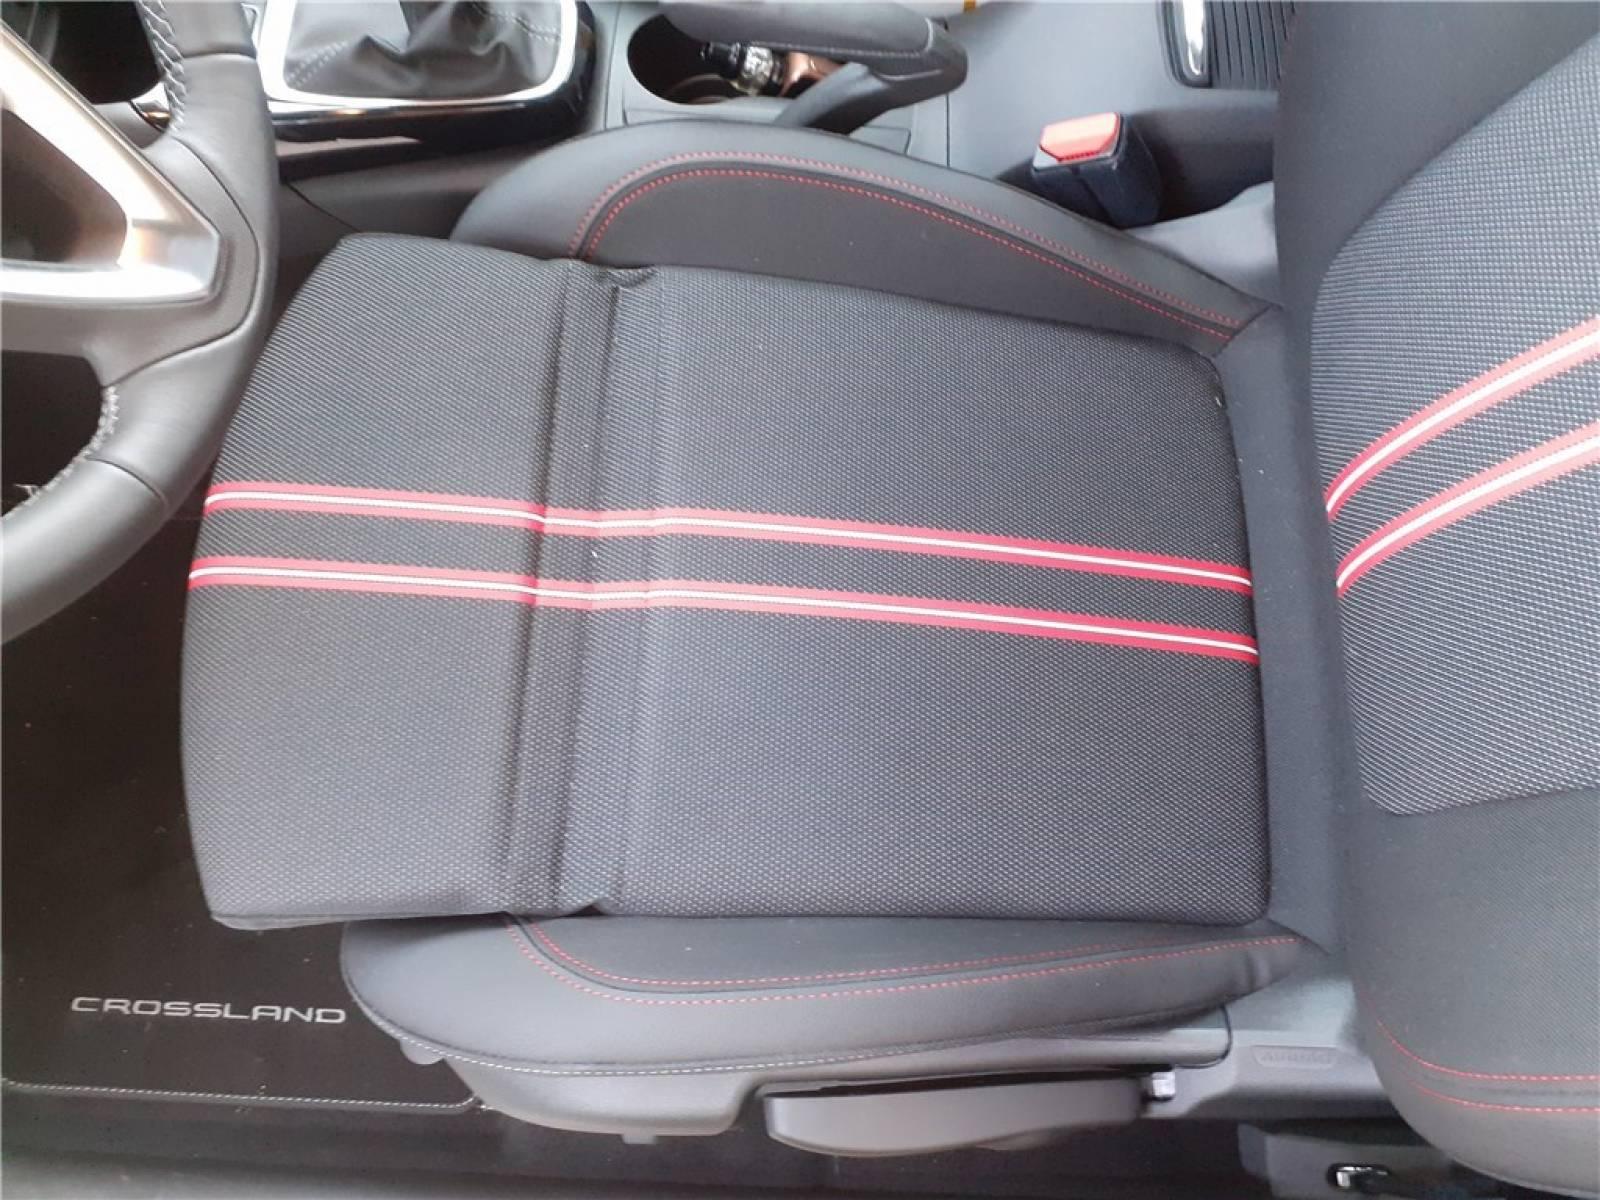 OPEL Crossland 1.5 D 110 ch BVM6 - véhicule d'occasion - Groupe Guillet - Opel Magicauto - Chalon-sur-Saône - 71380 - Saint-Marcel - 26